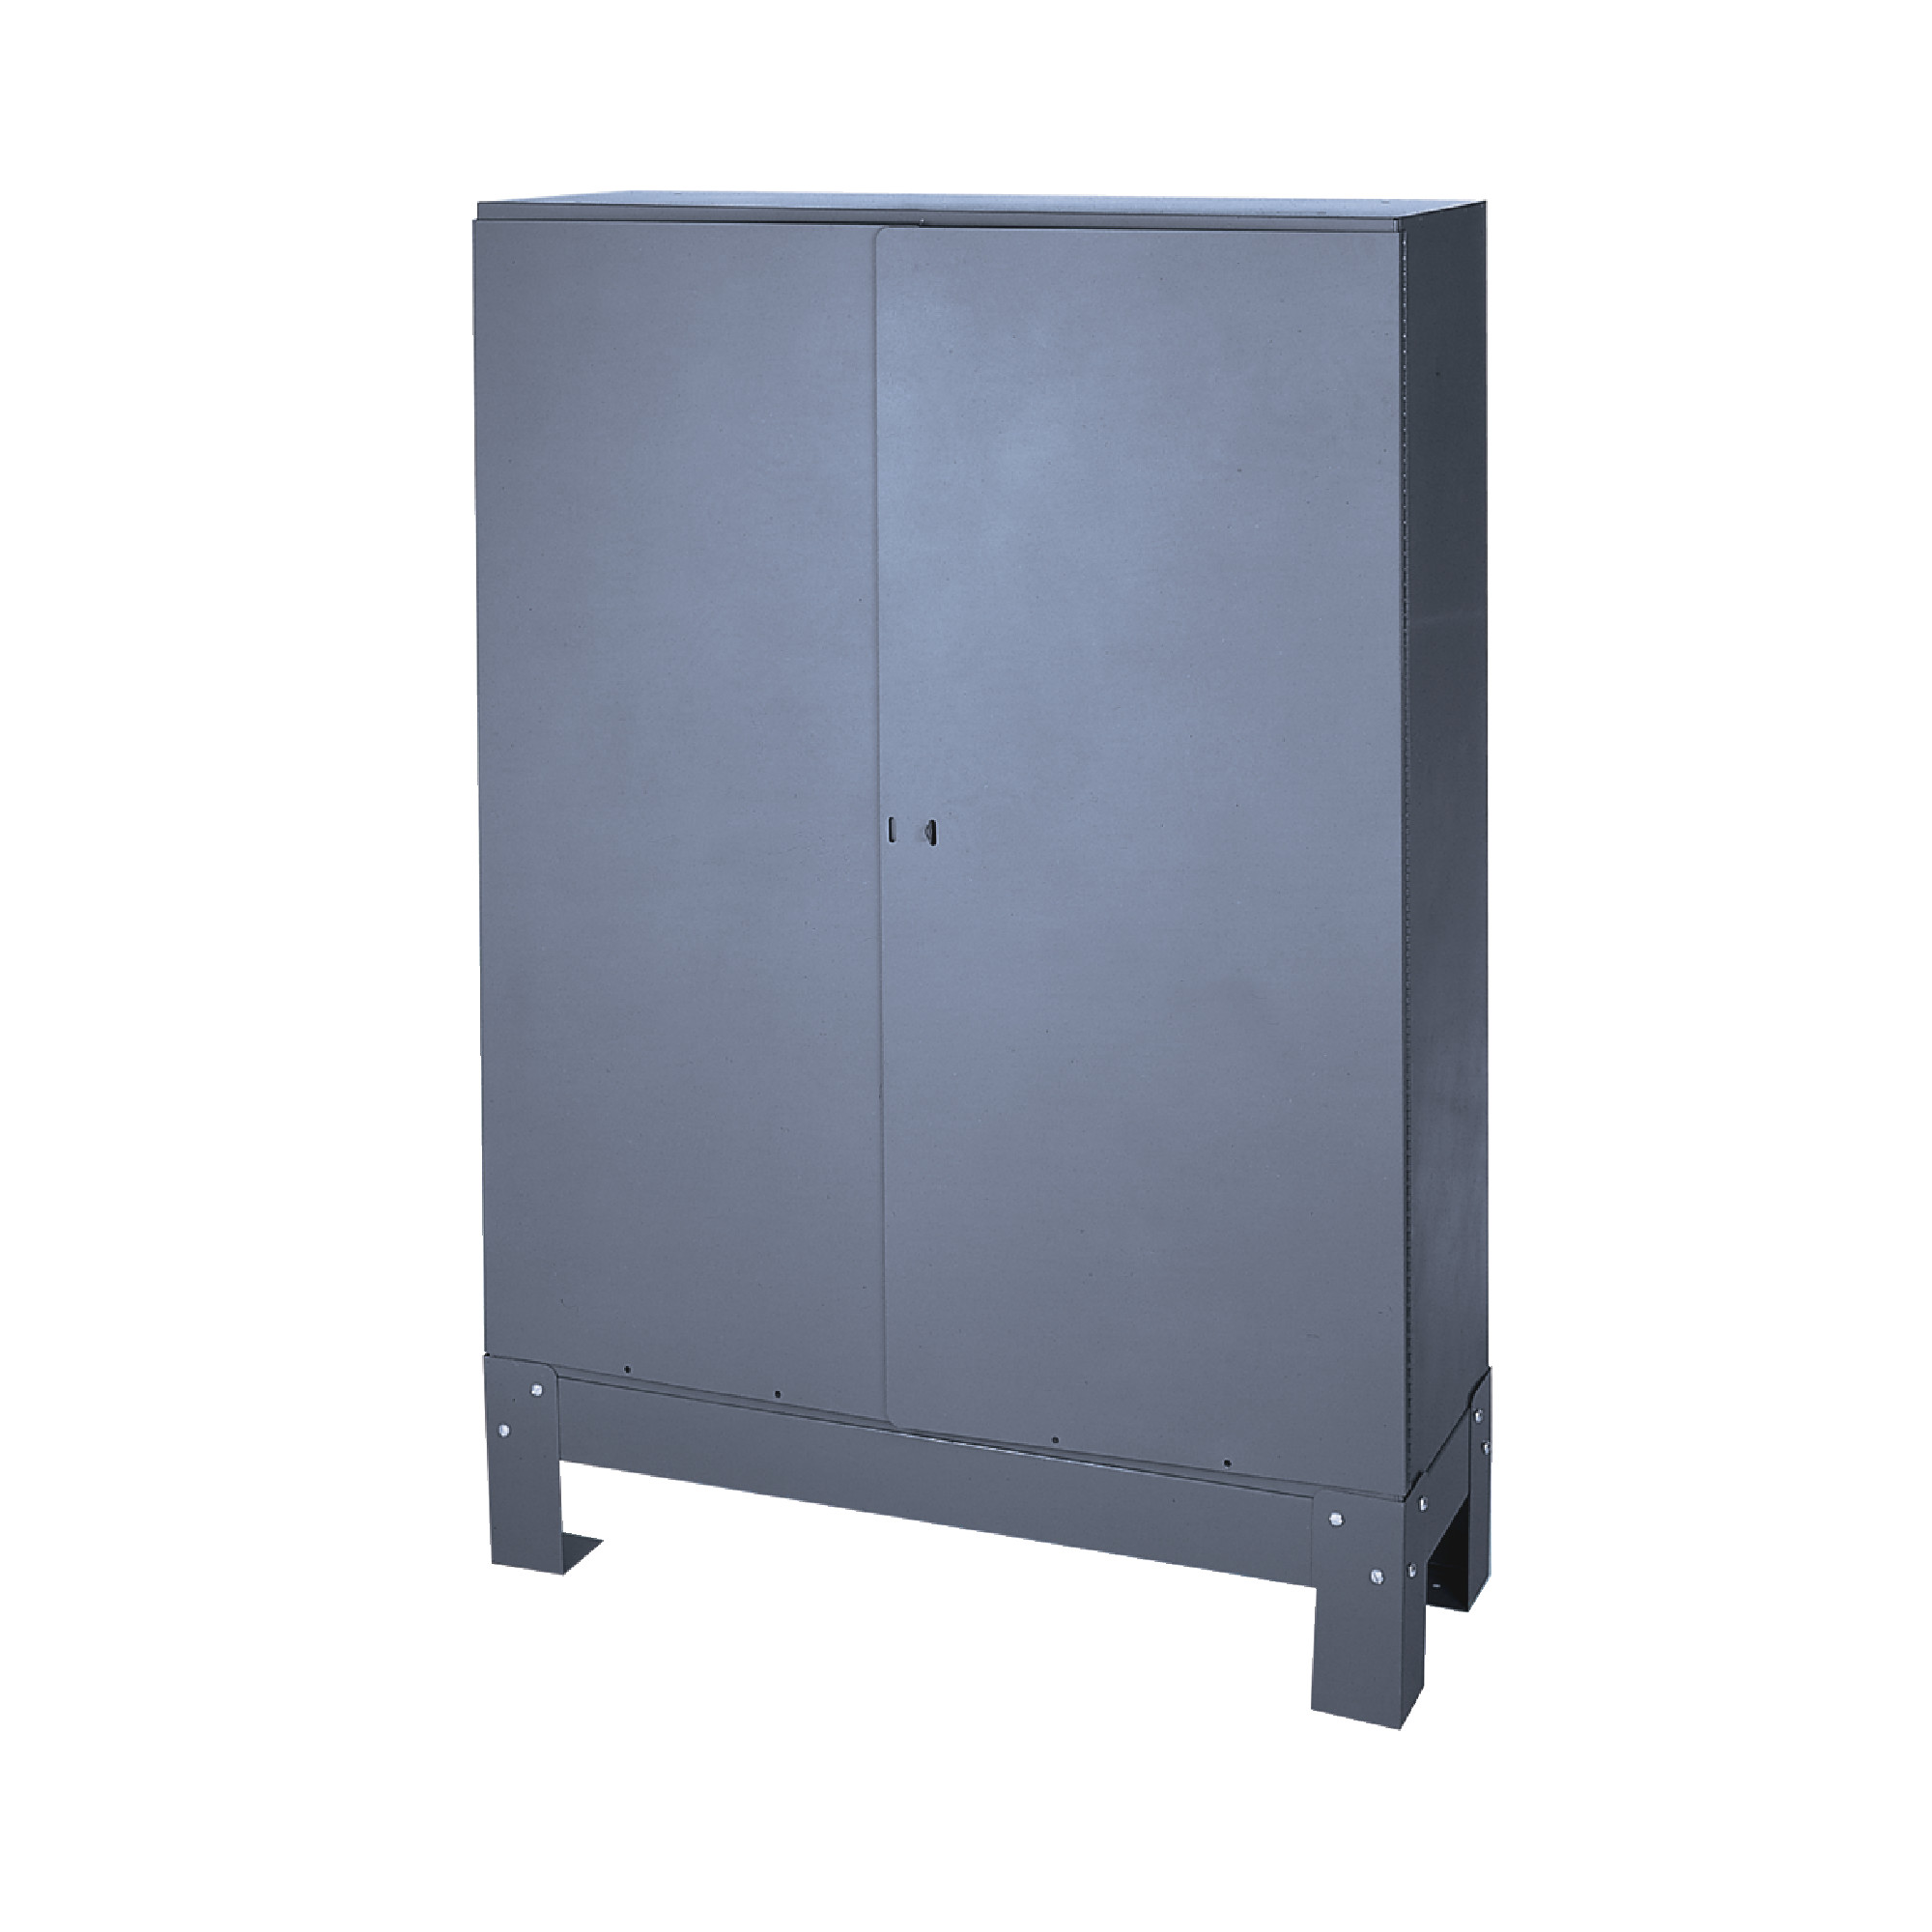 Door set for Sturdy All Steel Part Bins